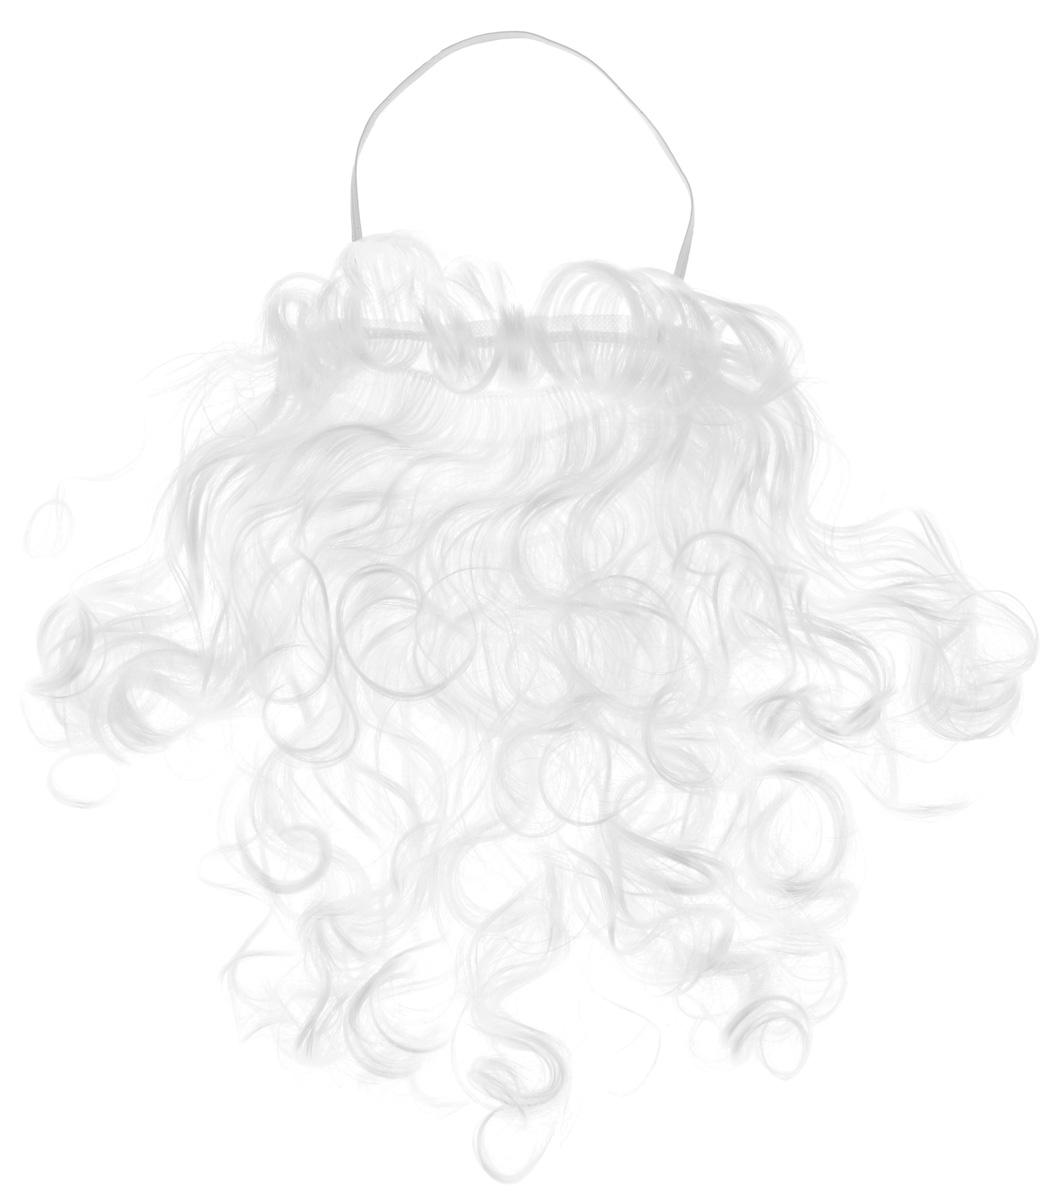 Карнавальная борода Sima-land Дед Мороз, длина 32 см фигурка декоративная sima land обезьянка дед мороз с елочкой высота 8 см